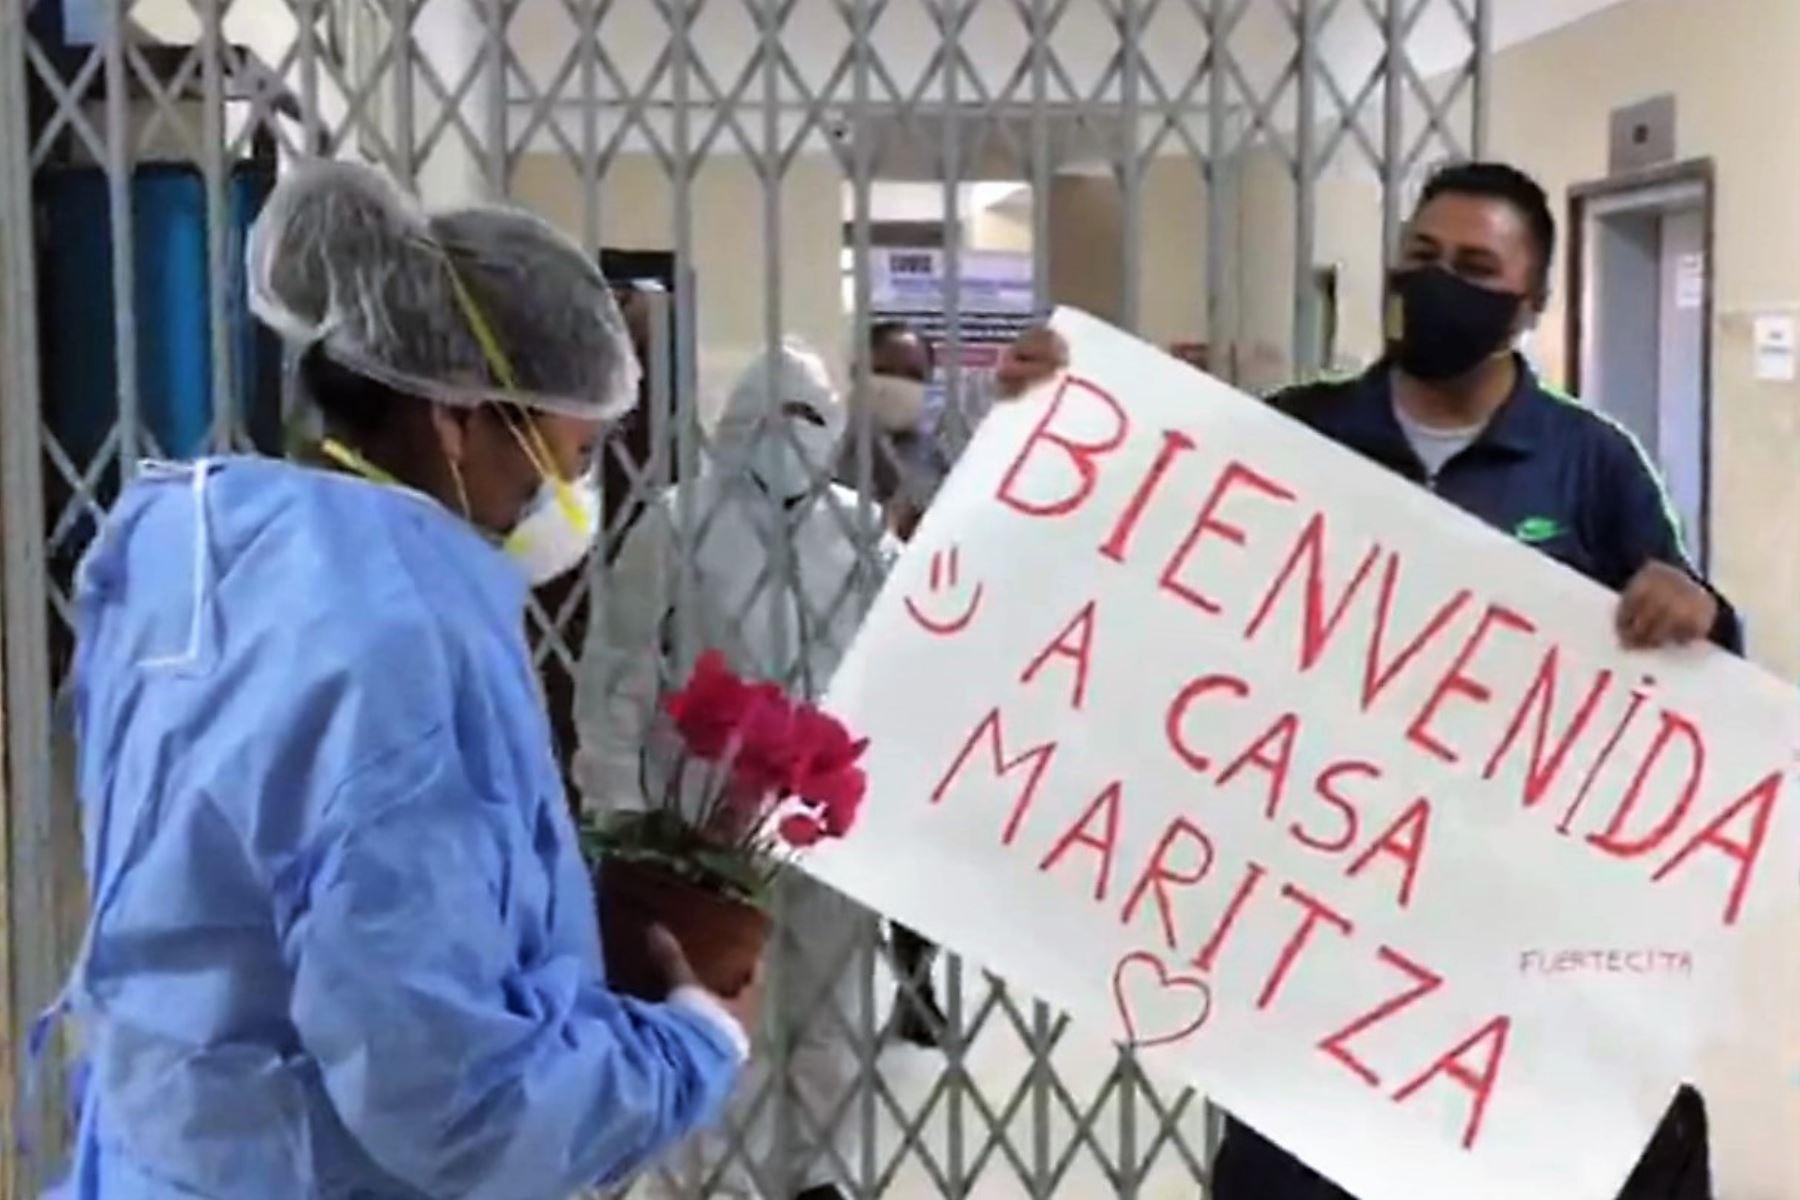 La enfermera Maritza Taco recibió el alta médica en el Hospital Covid-19 de Arequipa tras derrotar al coronavirus.